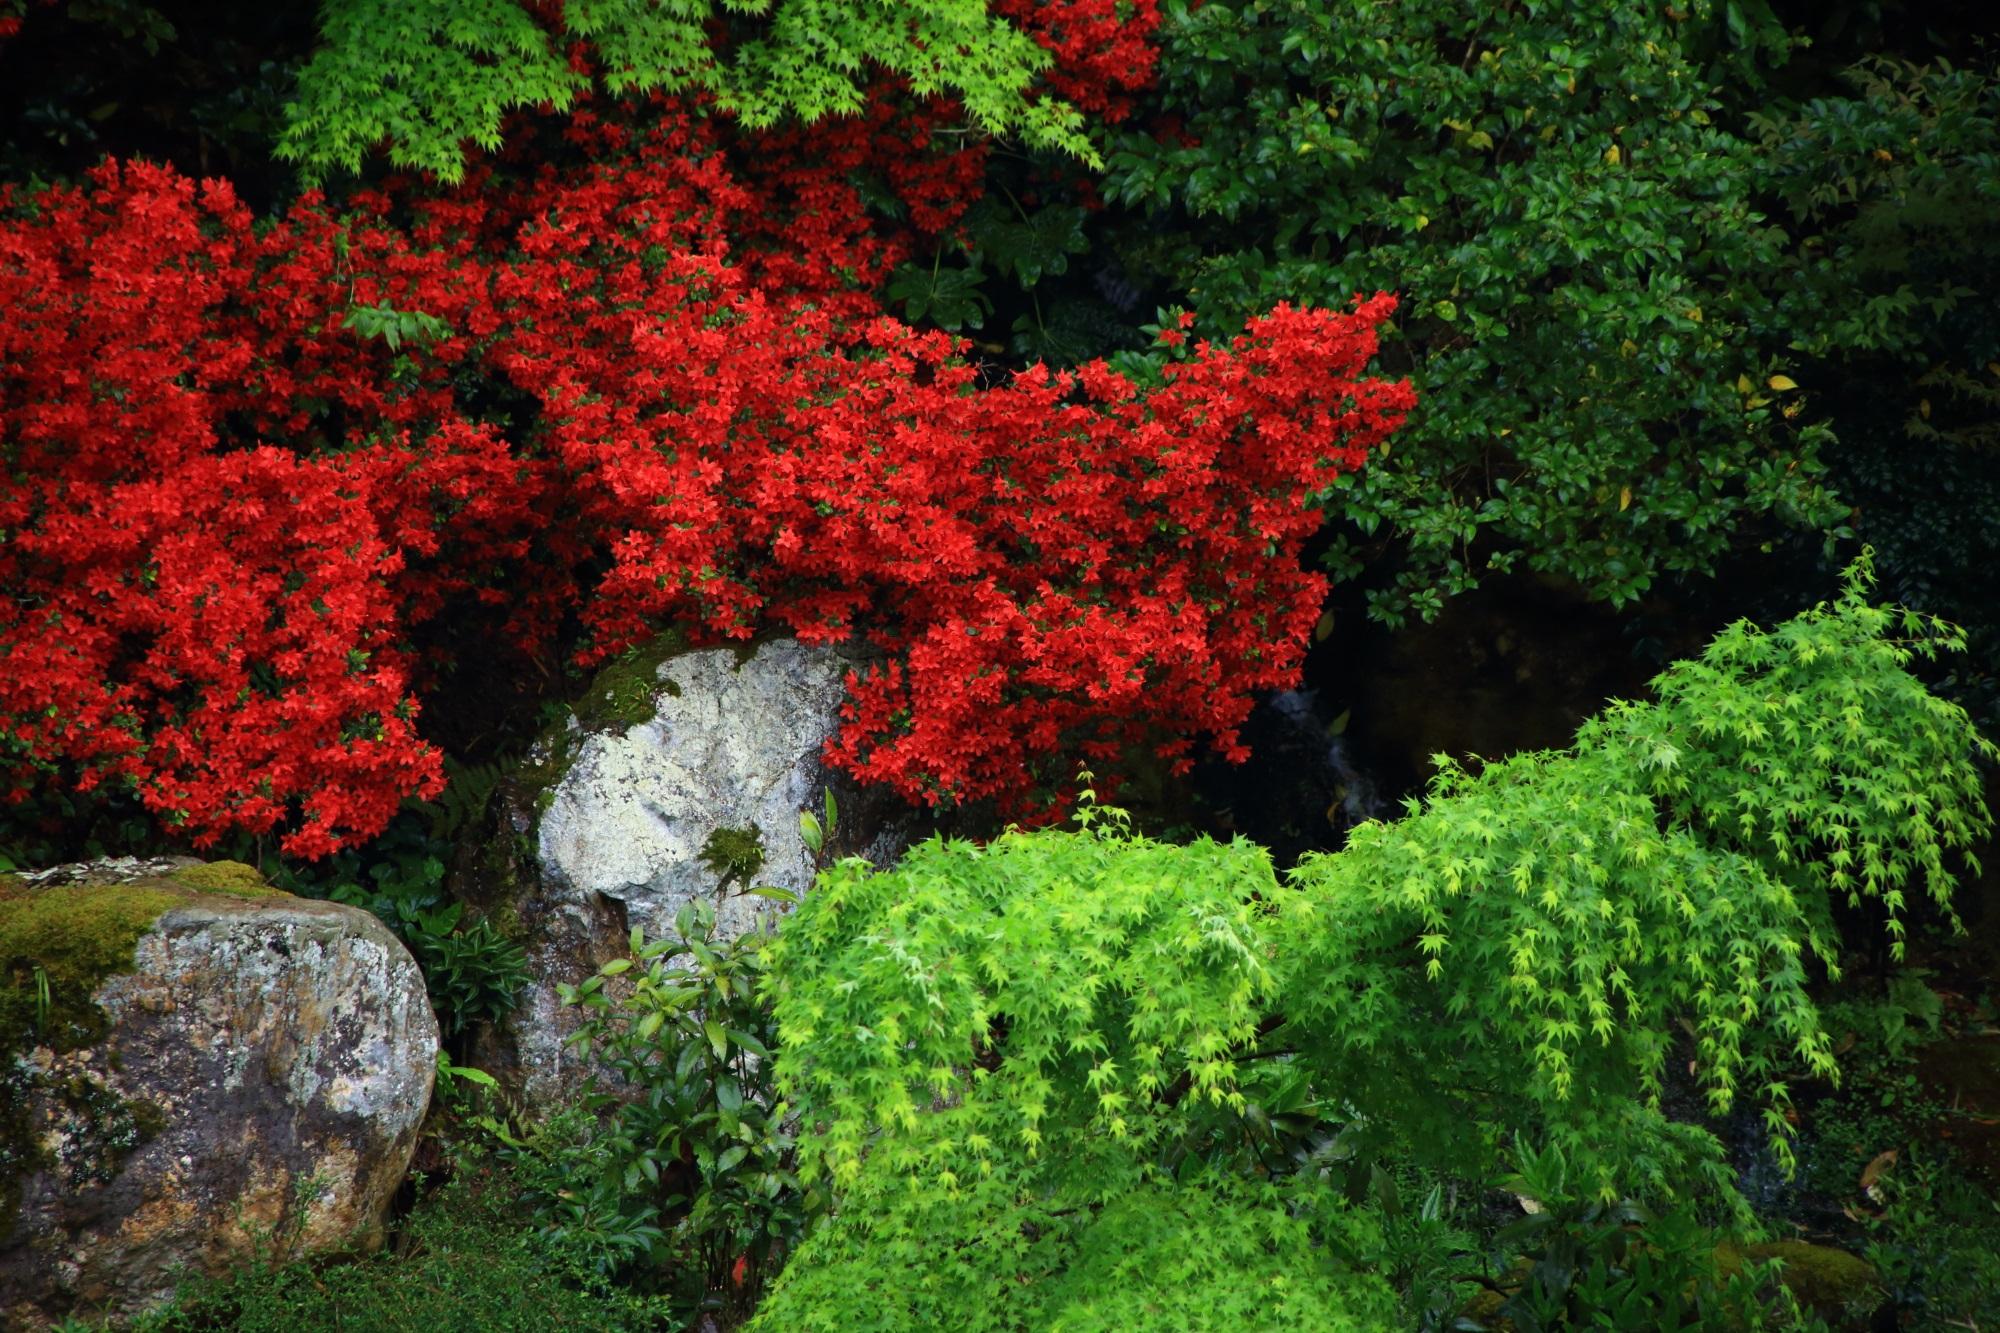 目を引き付ける鮮烈な赤と緑